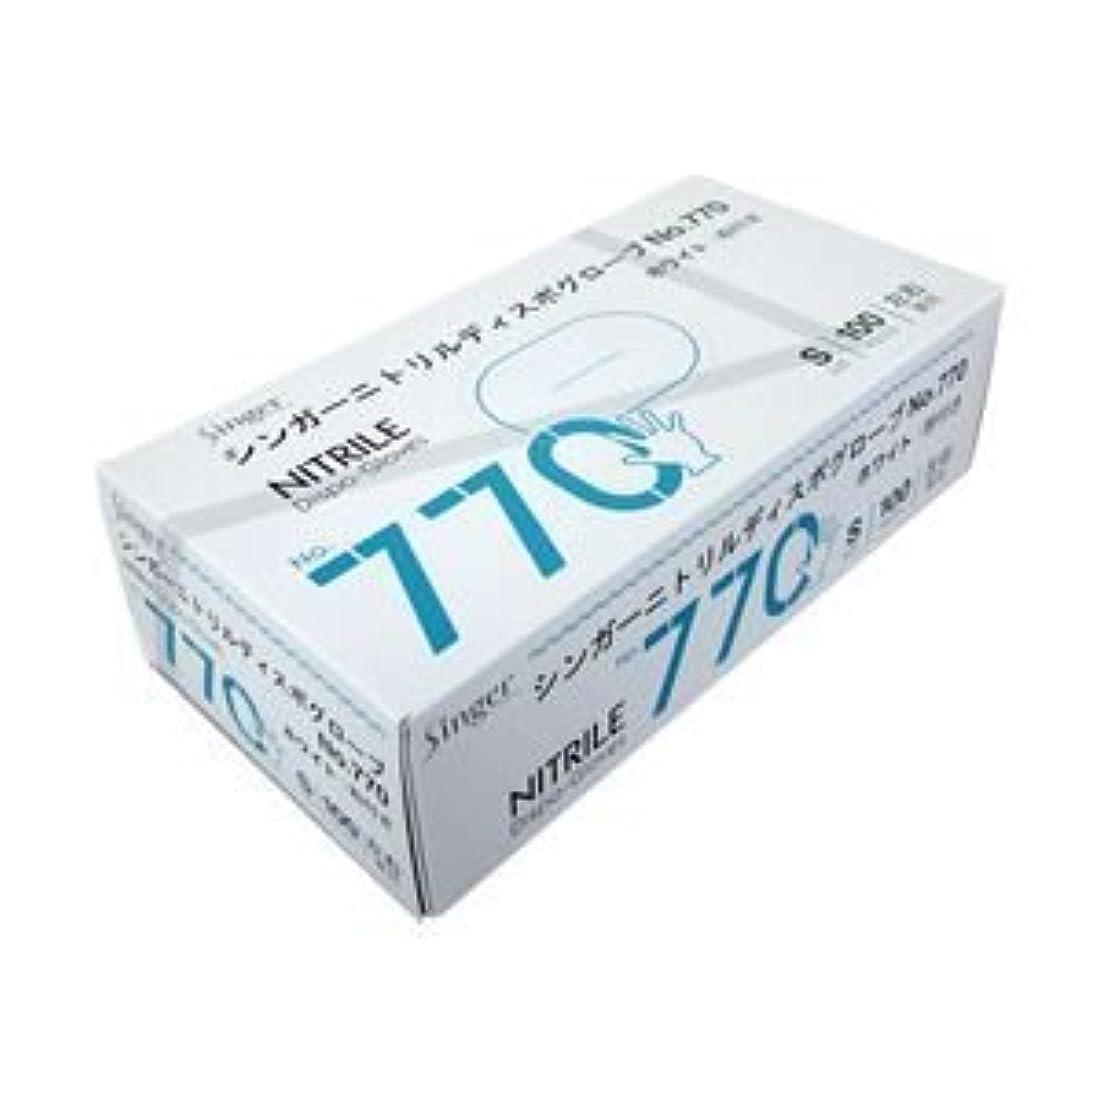 純度ゴシップも宇都宮製作 ニトリル手袋770 粉付き S 1箱(100枚) ×5セット